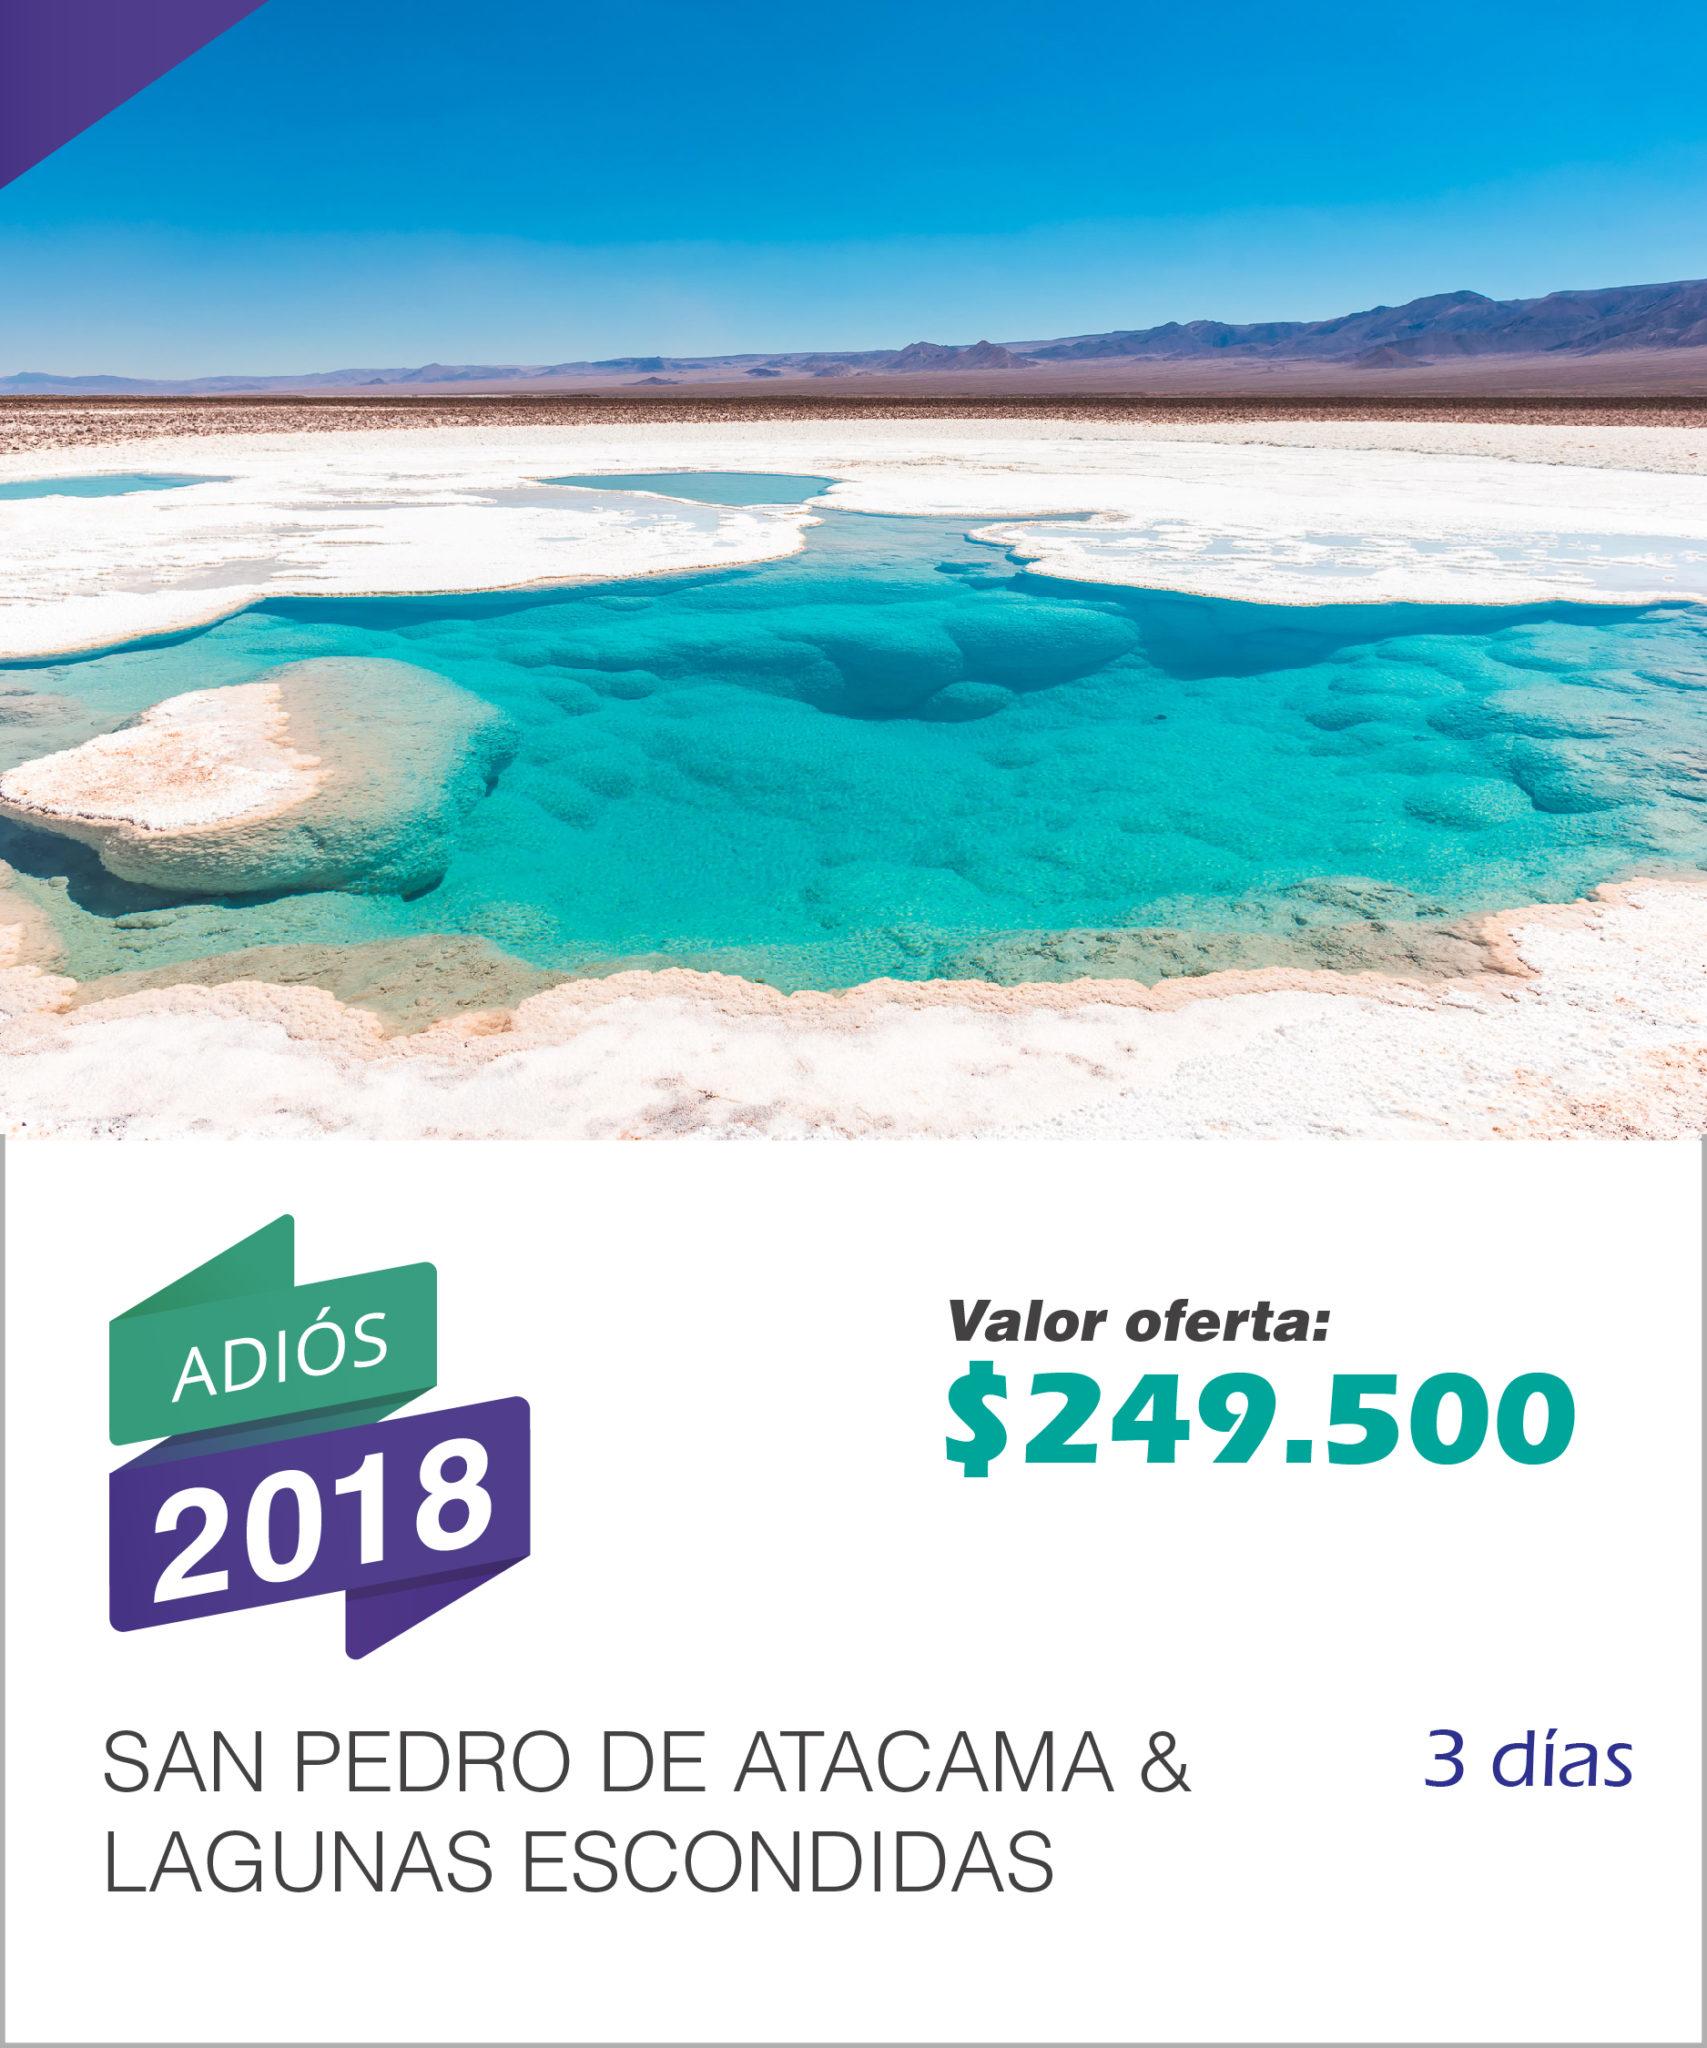 SAN PEDRO DE ATACAMA & LAGUNAS ESCONDIDAS